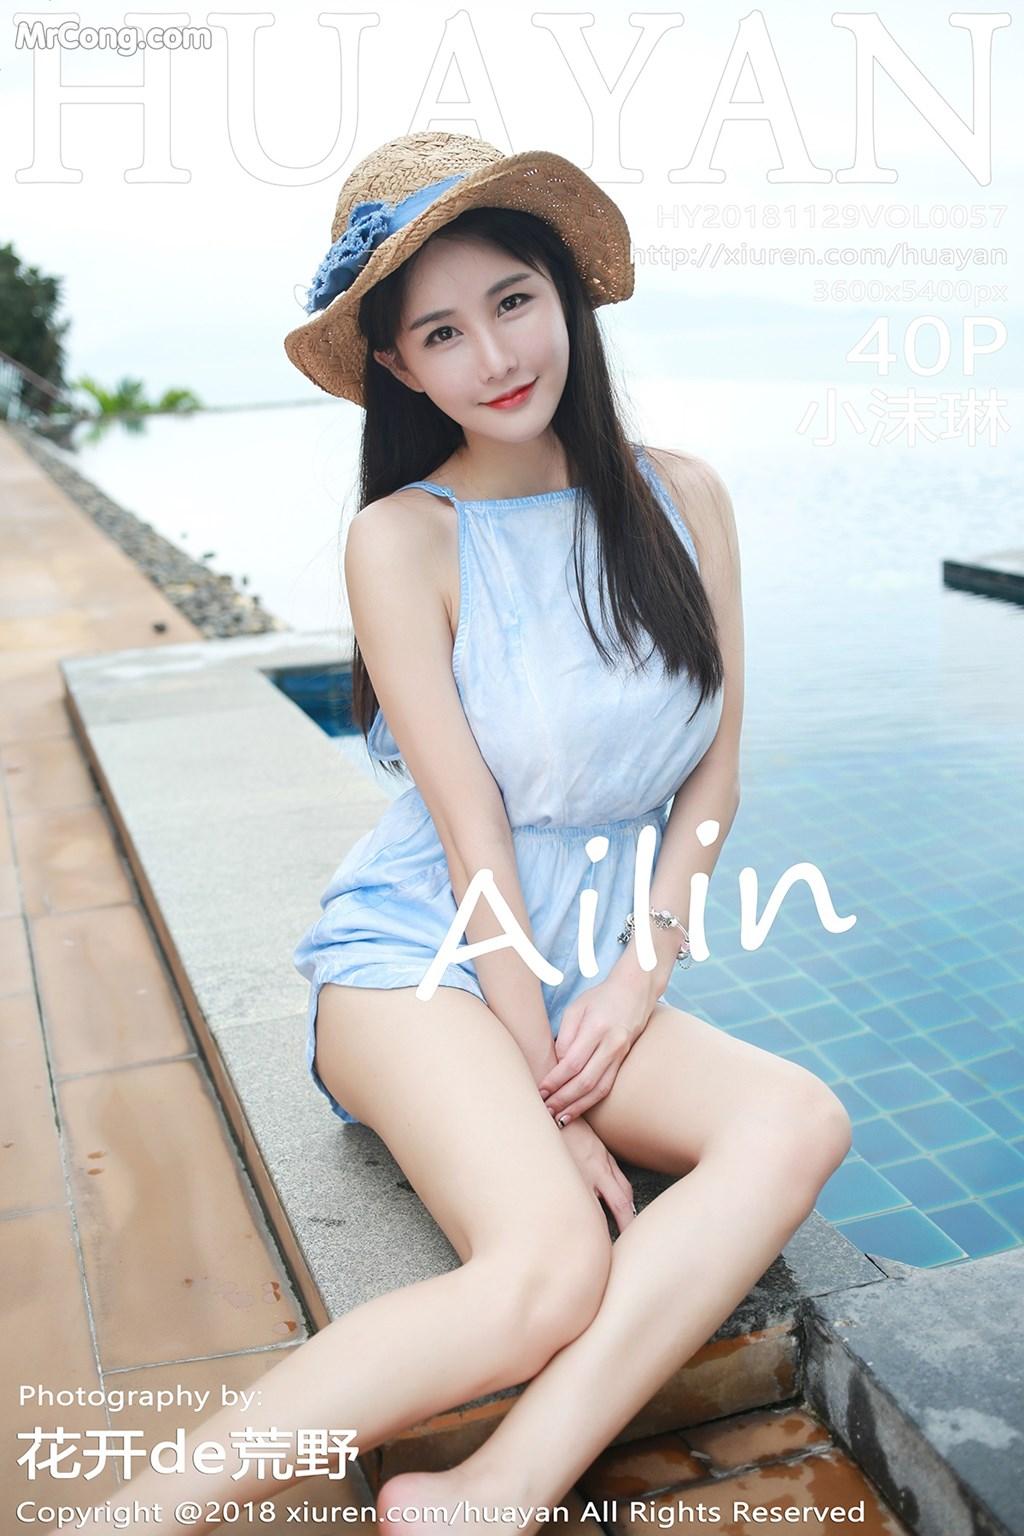 HuaYan Vol.057: Người mẫu Xiao Mo Lin (小沫琳) (41 ảnh)